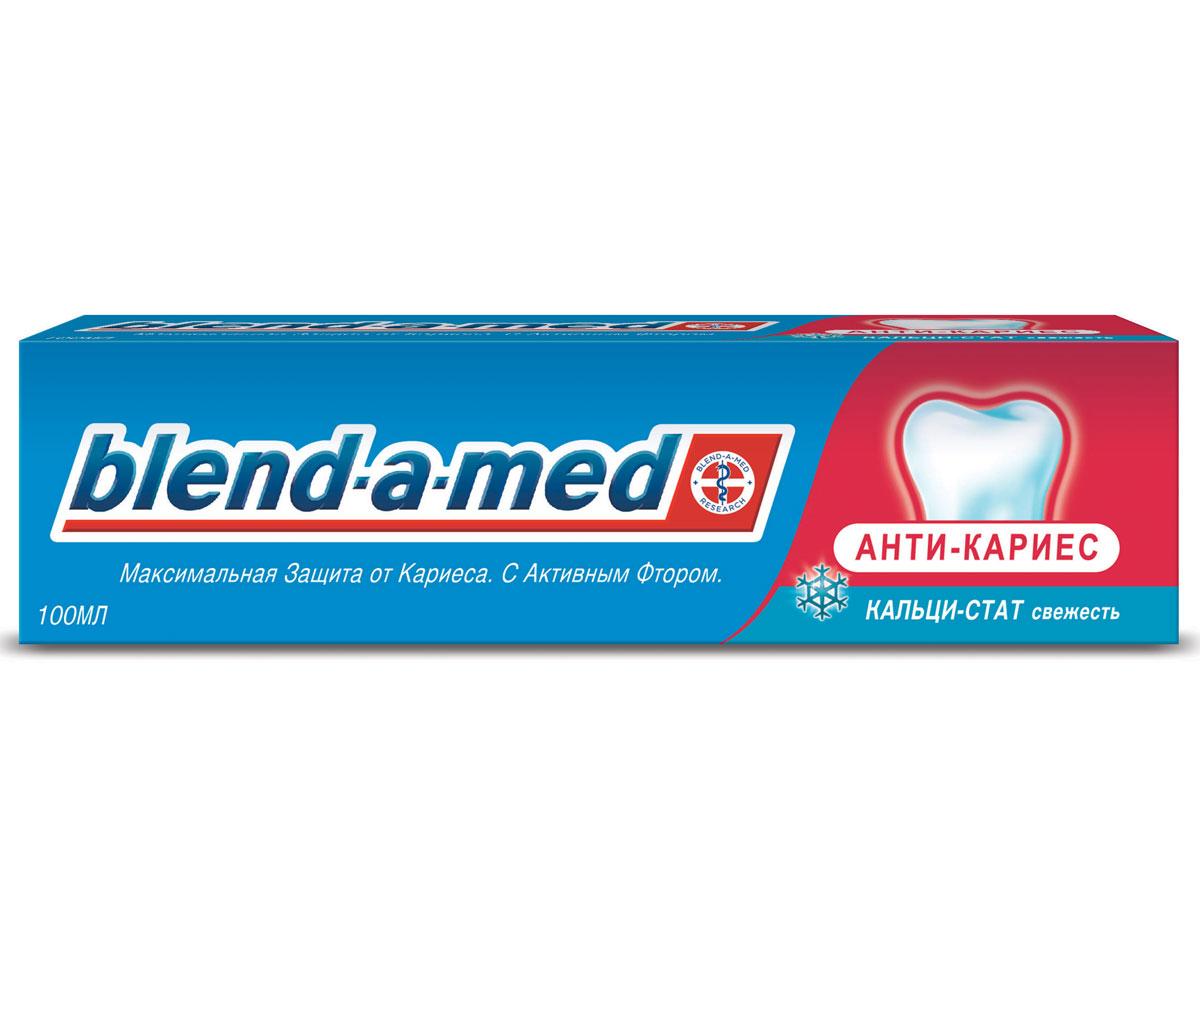 Blend-a-med Зубная паста Анти-кариес. Свежесть, 100 млBM-81345137Зубная паста Blend-a-med Анти-кариес. Свежесть - это максимальная защита от кариеса. Благодаря ее уникальной формуле с активным фтором, который способствует поступлению естественного кальция и минеральных элементов в состав зубной эмали, помогает остановить развитие кариеса на самой ранней стадии его образования. Характеристики:Объем: 100 мл. Производитель: Китай. Товар сертифицирован.